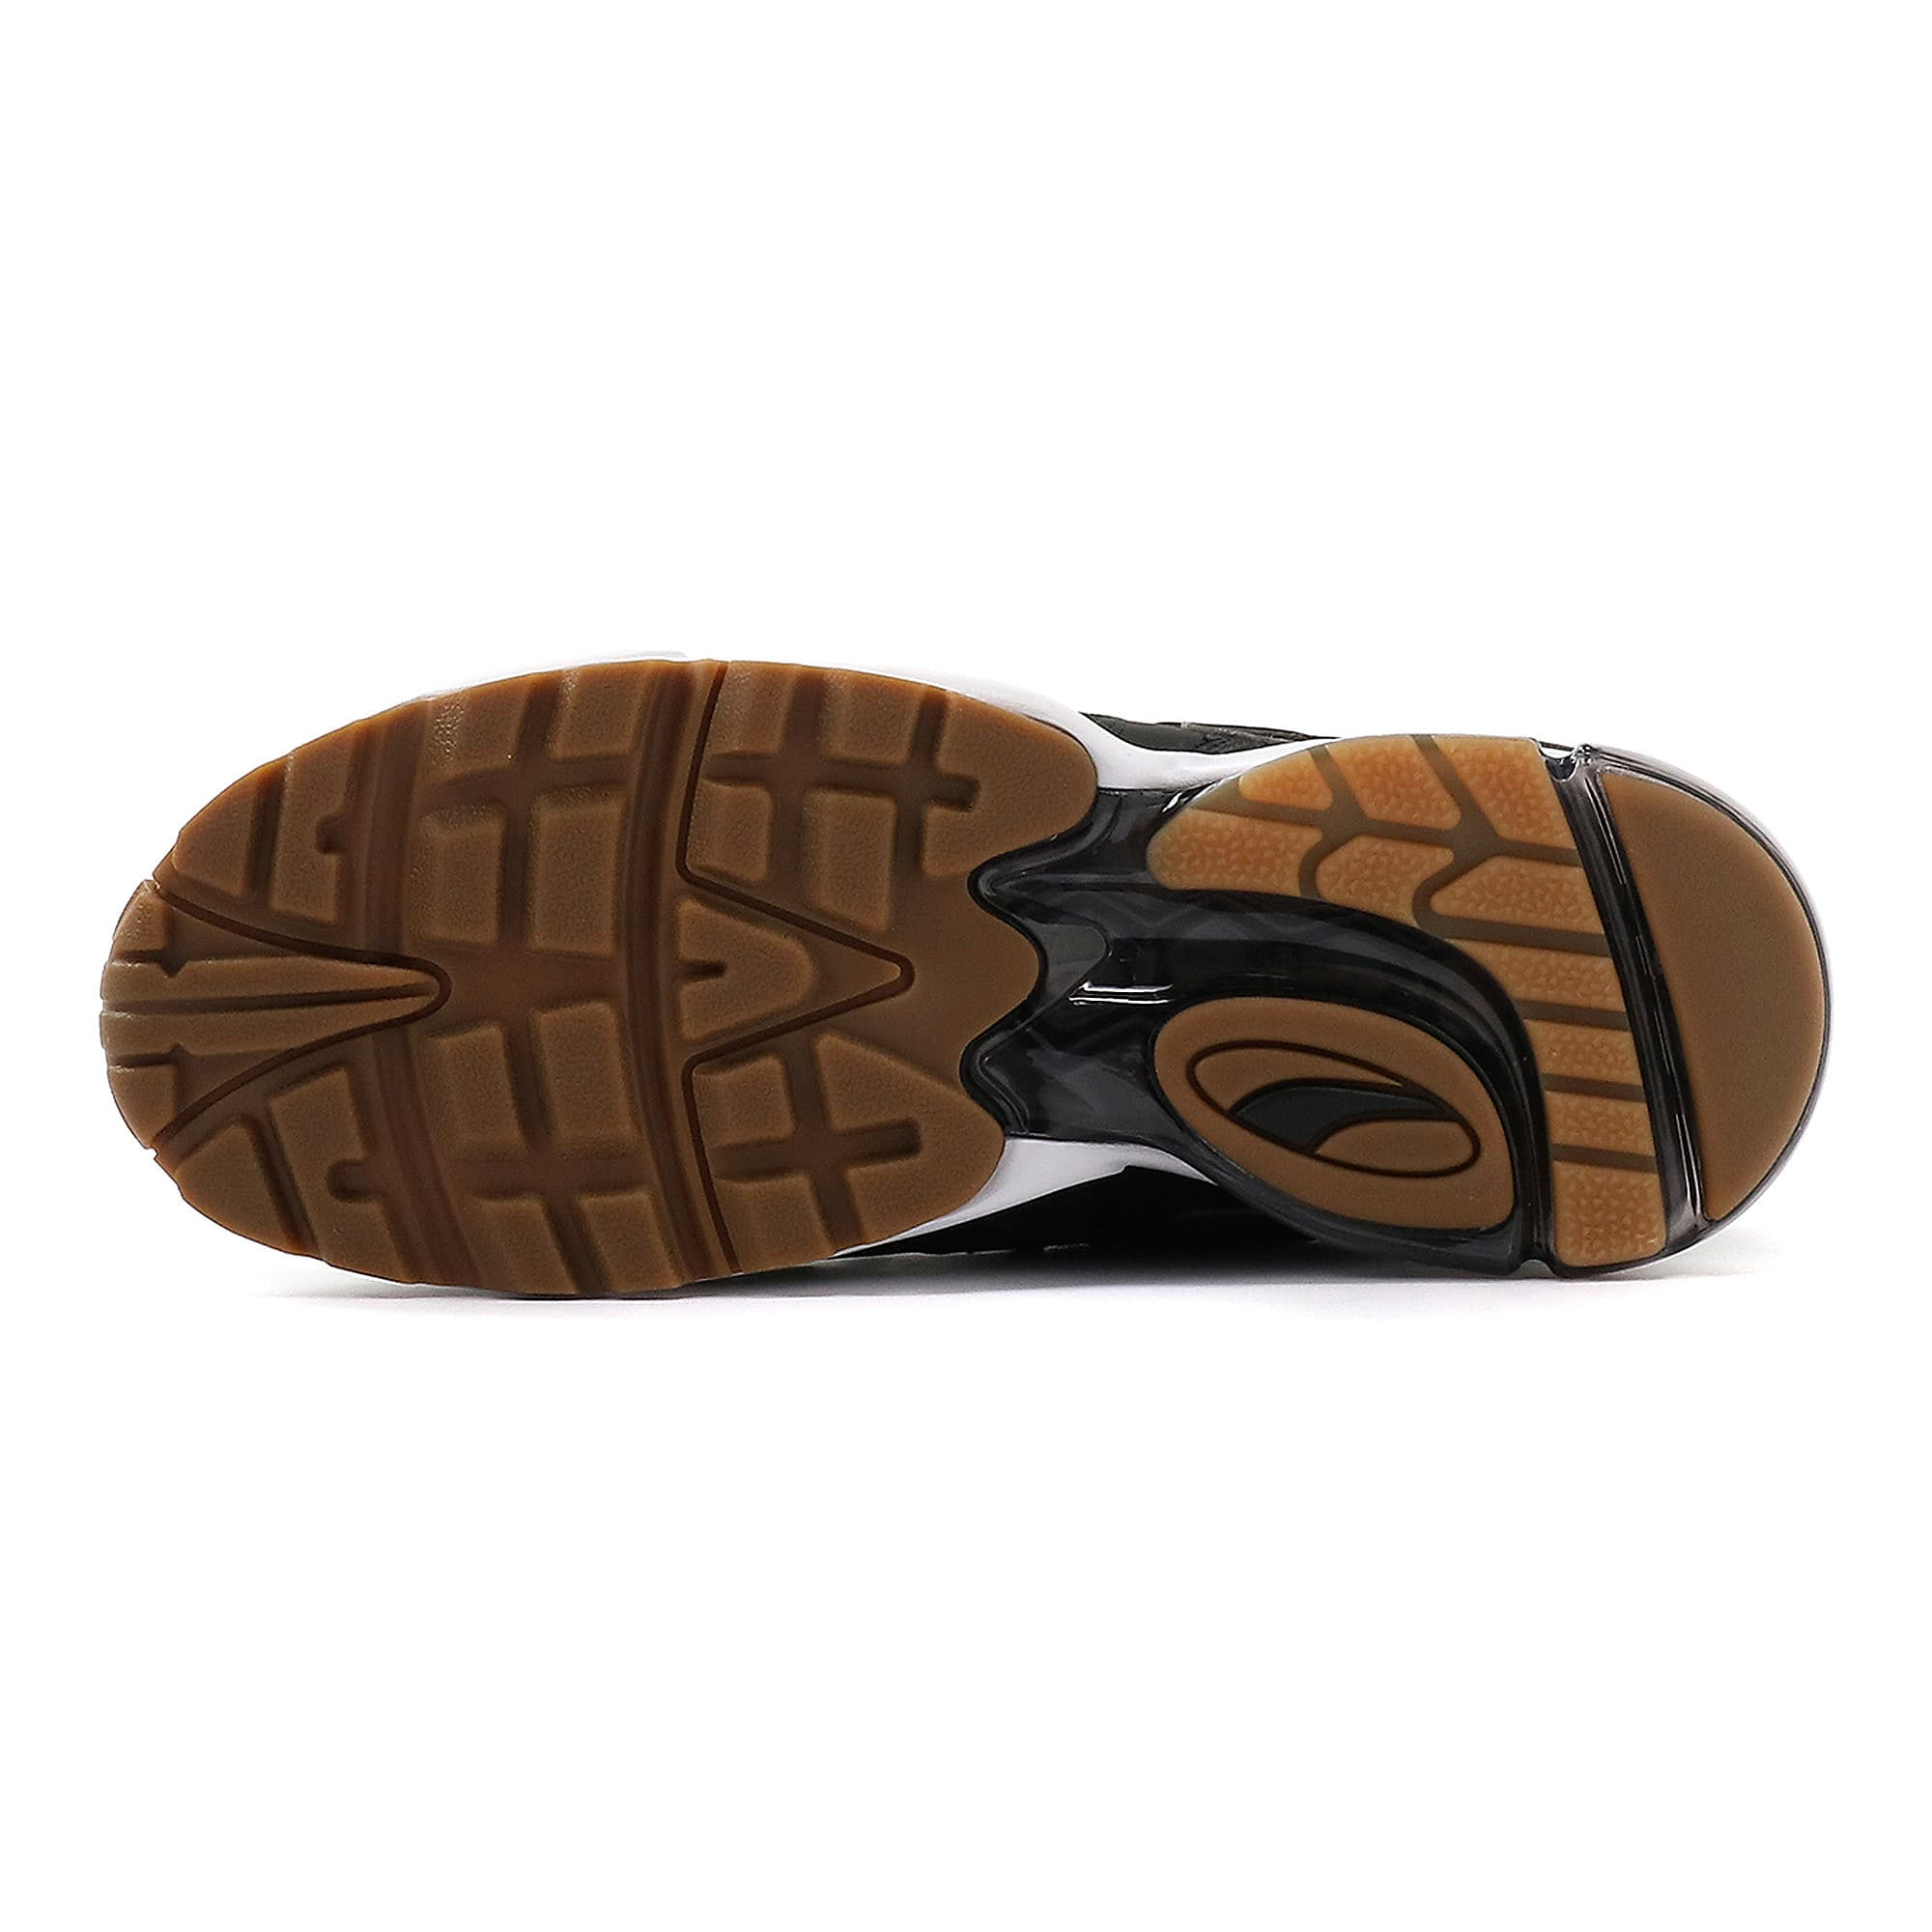 Thumbnail 4 of CELL Alien OG Sneakers, Puma Black-Gum, medium